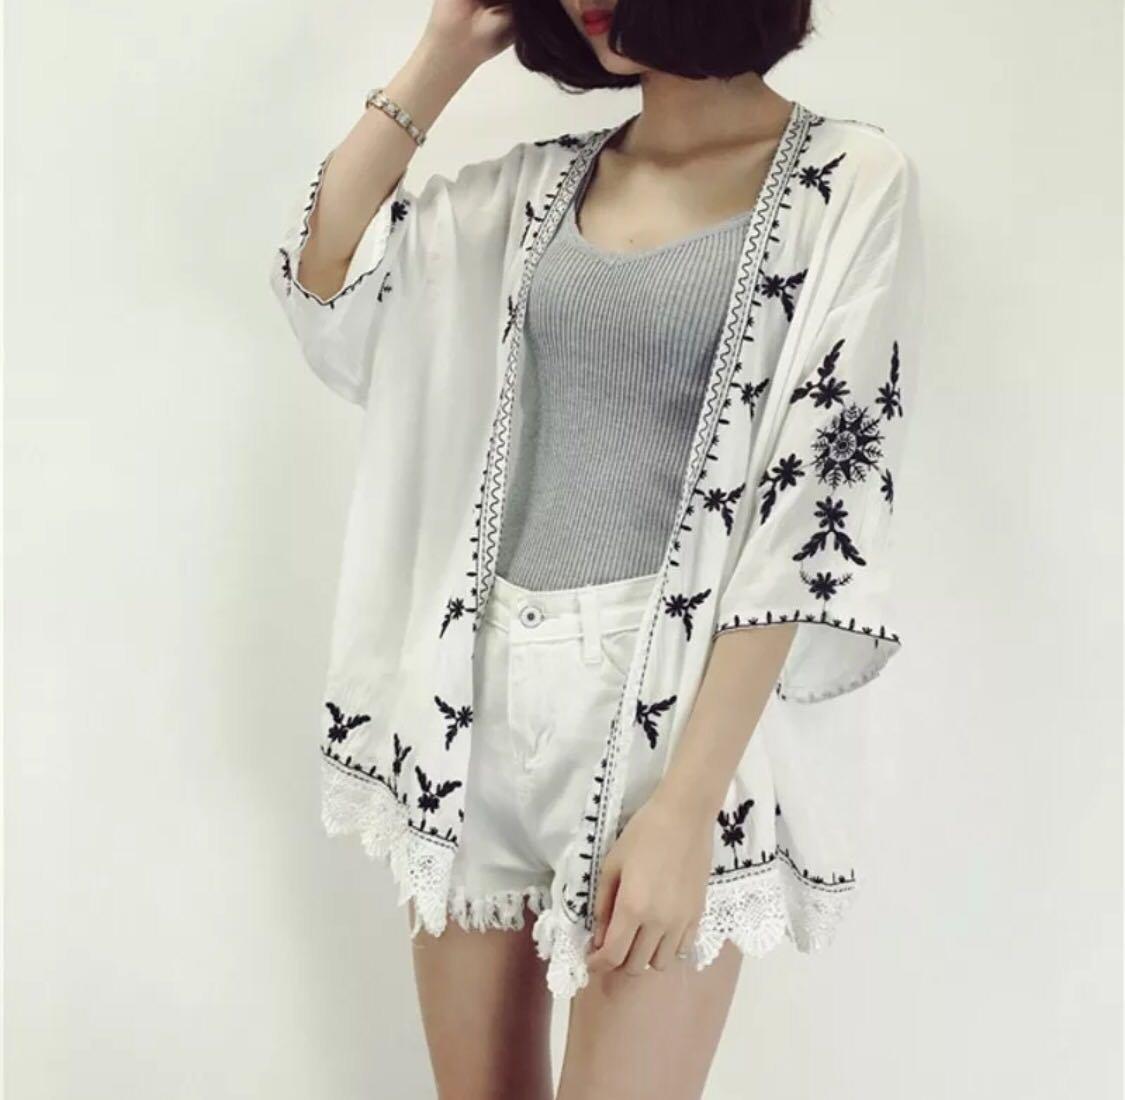 刺繡雪紡罩衫外套 全新 白